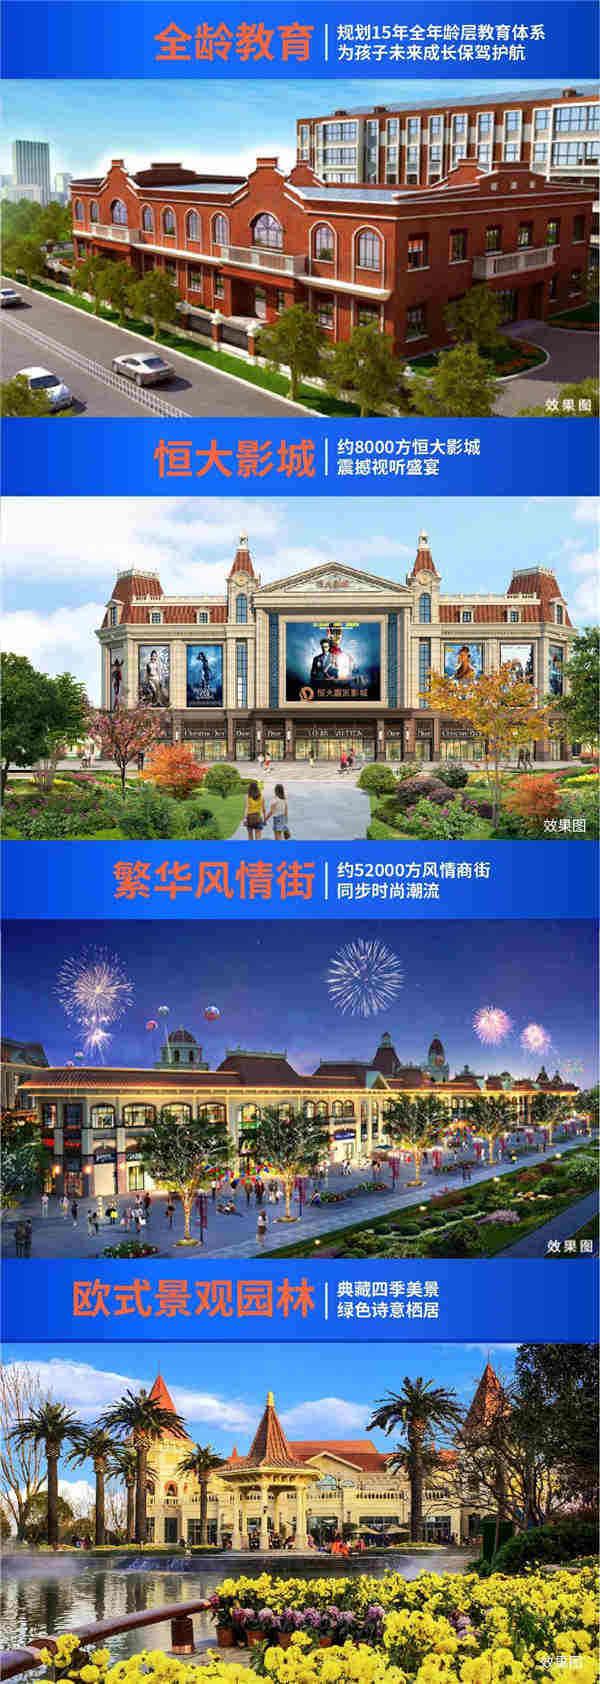 丁字湾文化旅游节海报